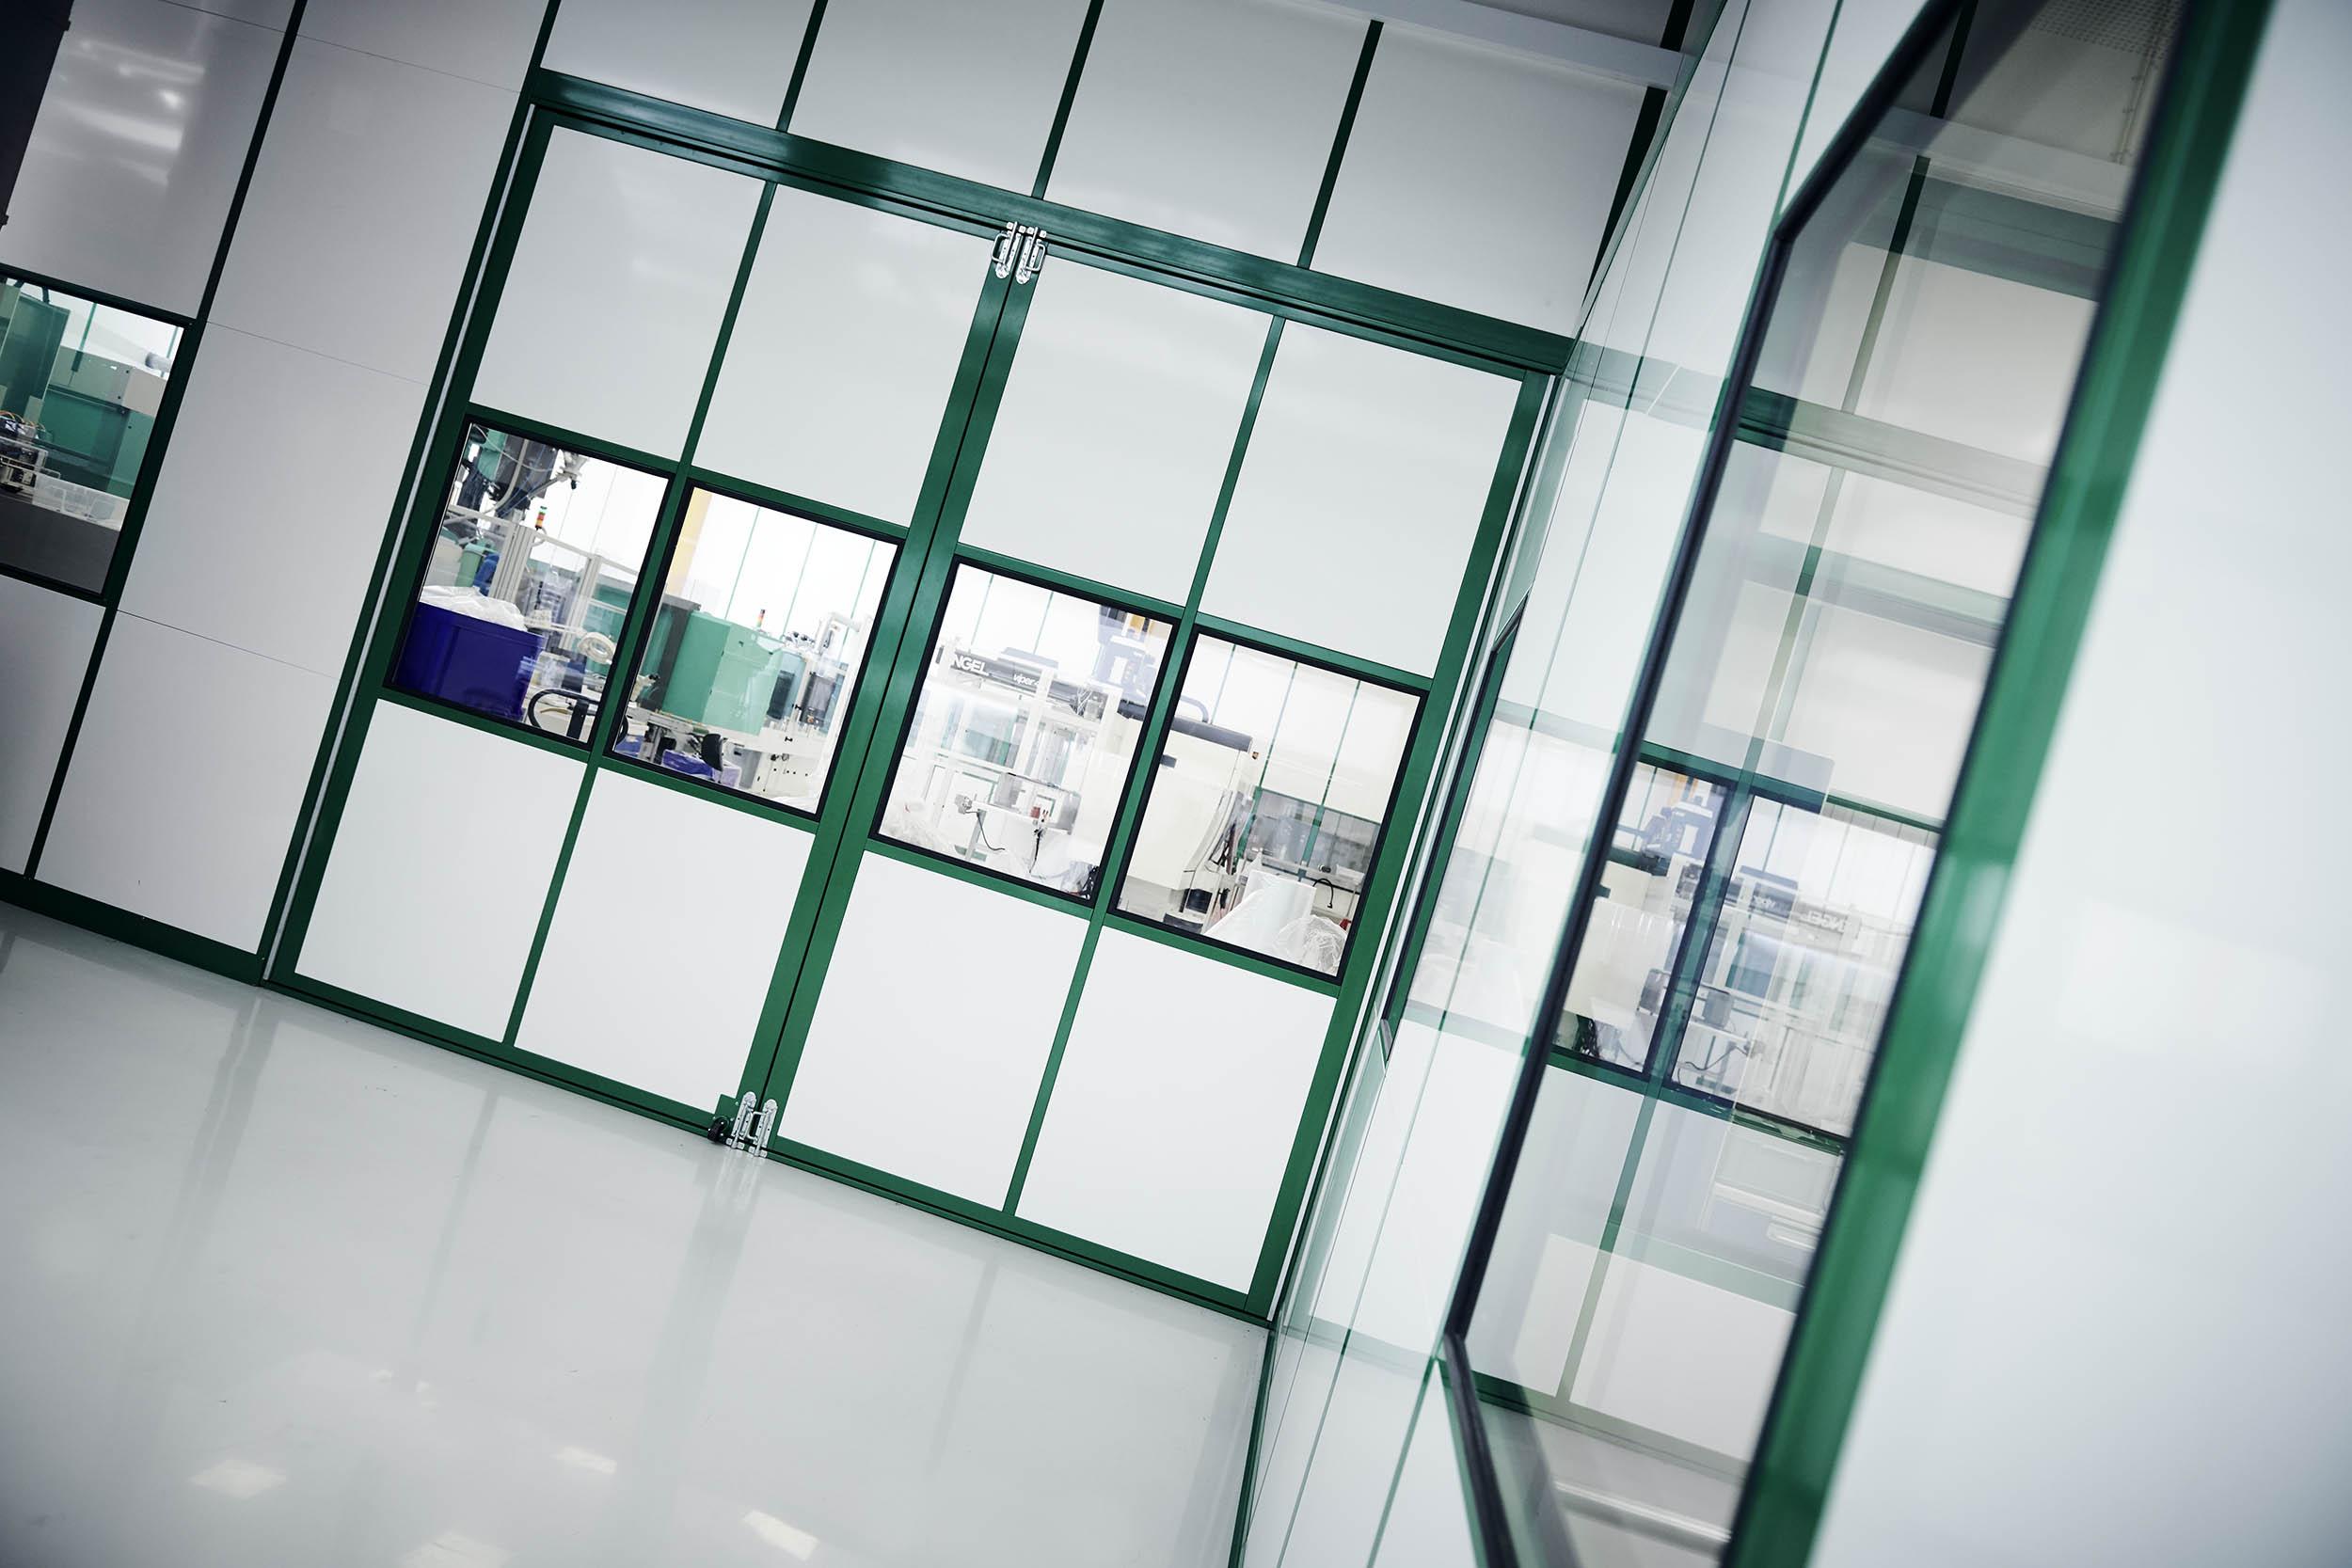 4 m bred og 3 m høj dobbeltdør betyder at nye maskiner/udstyr kan komme ind i renrummet efter behov